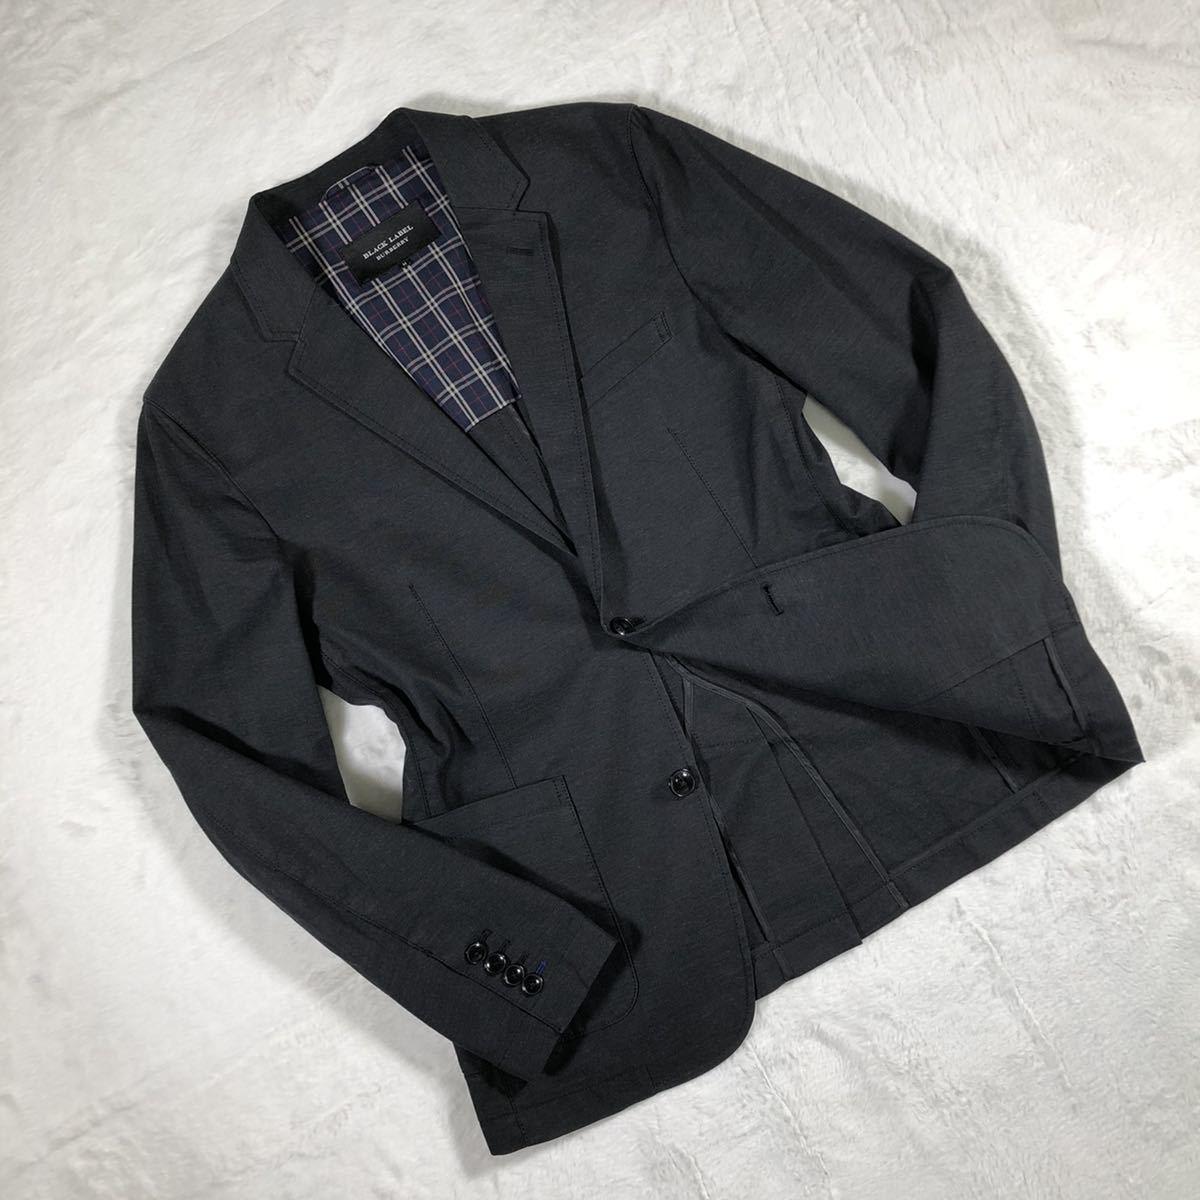 【極美品・希少】バーバリーブラックレーベル ジャケット Mサイズ BURBERRY BLACK LABEL ブルゾン スーツ テーラードジャケット 春夏